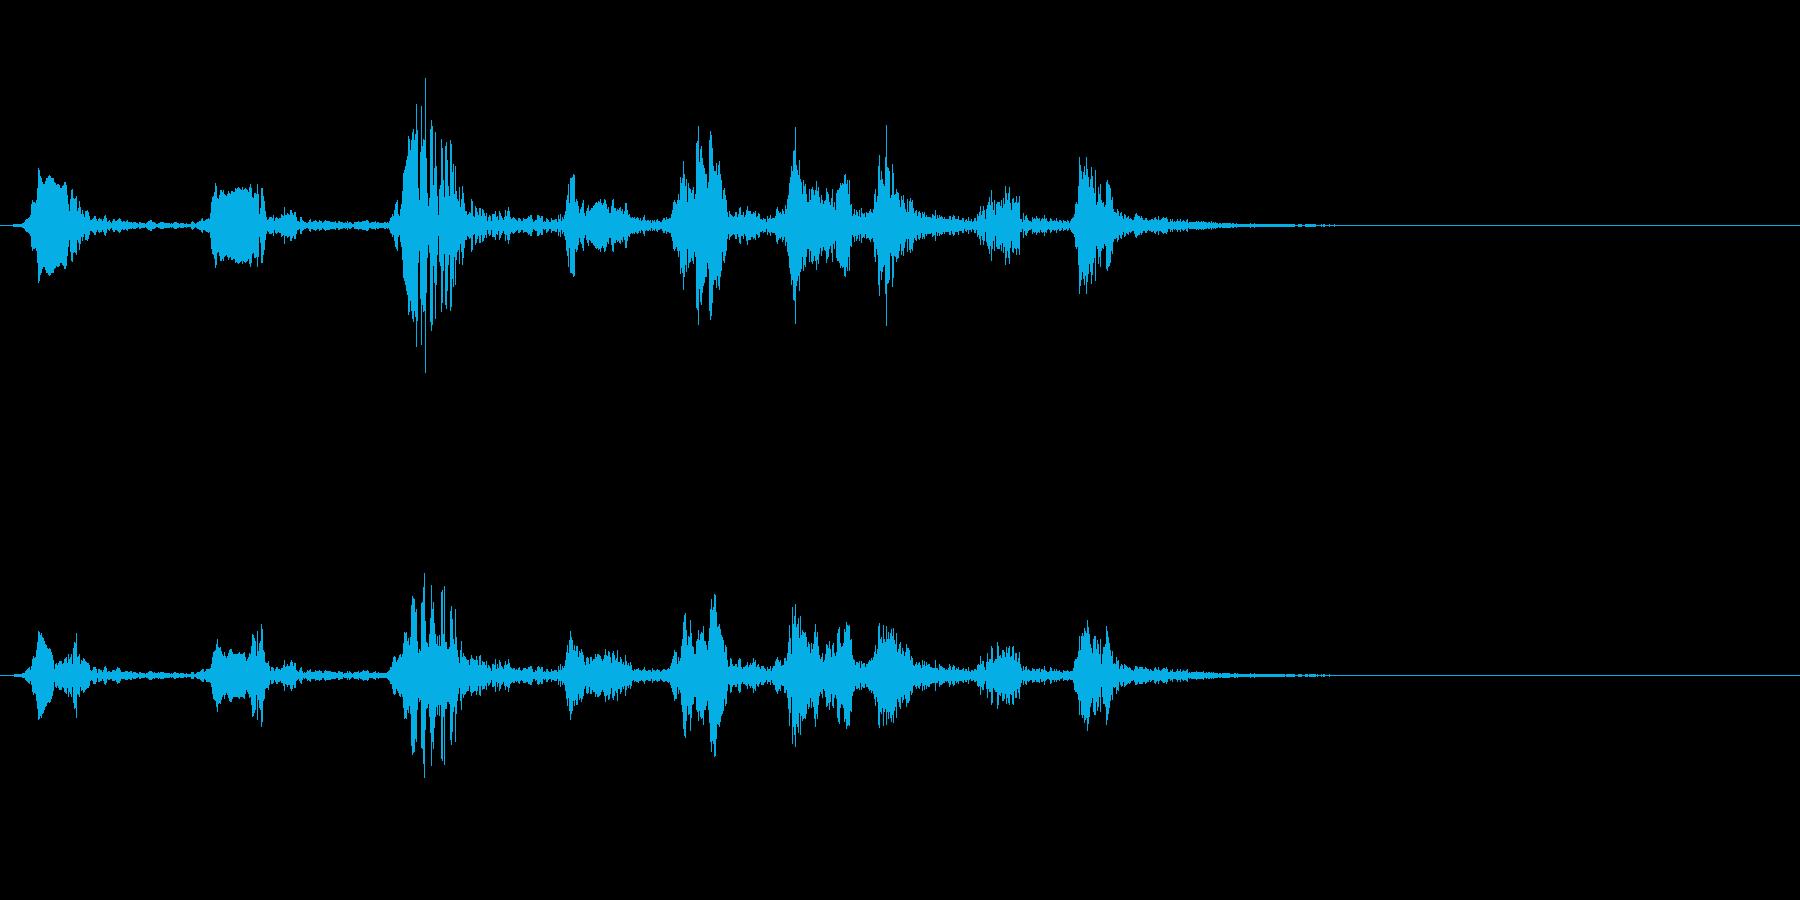 アカハラの鳴き声の再生済みの波形